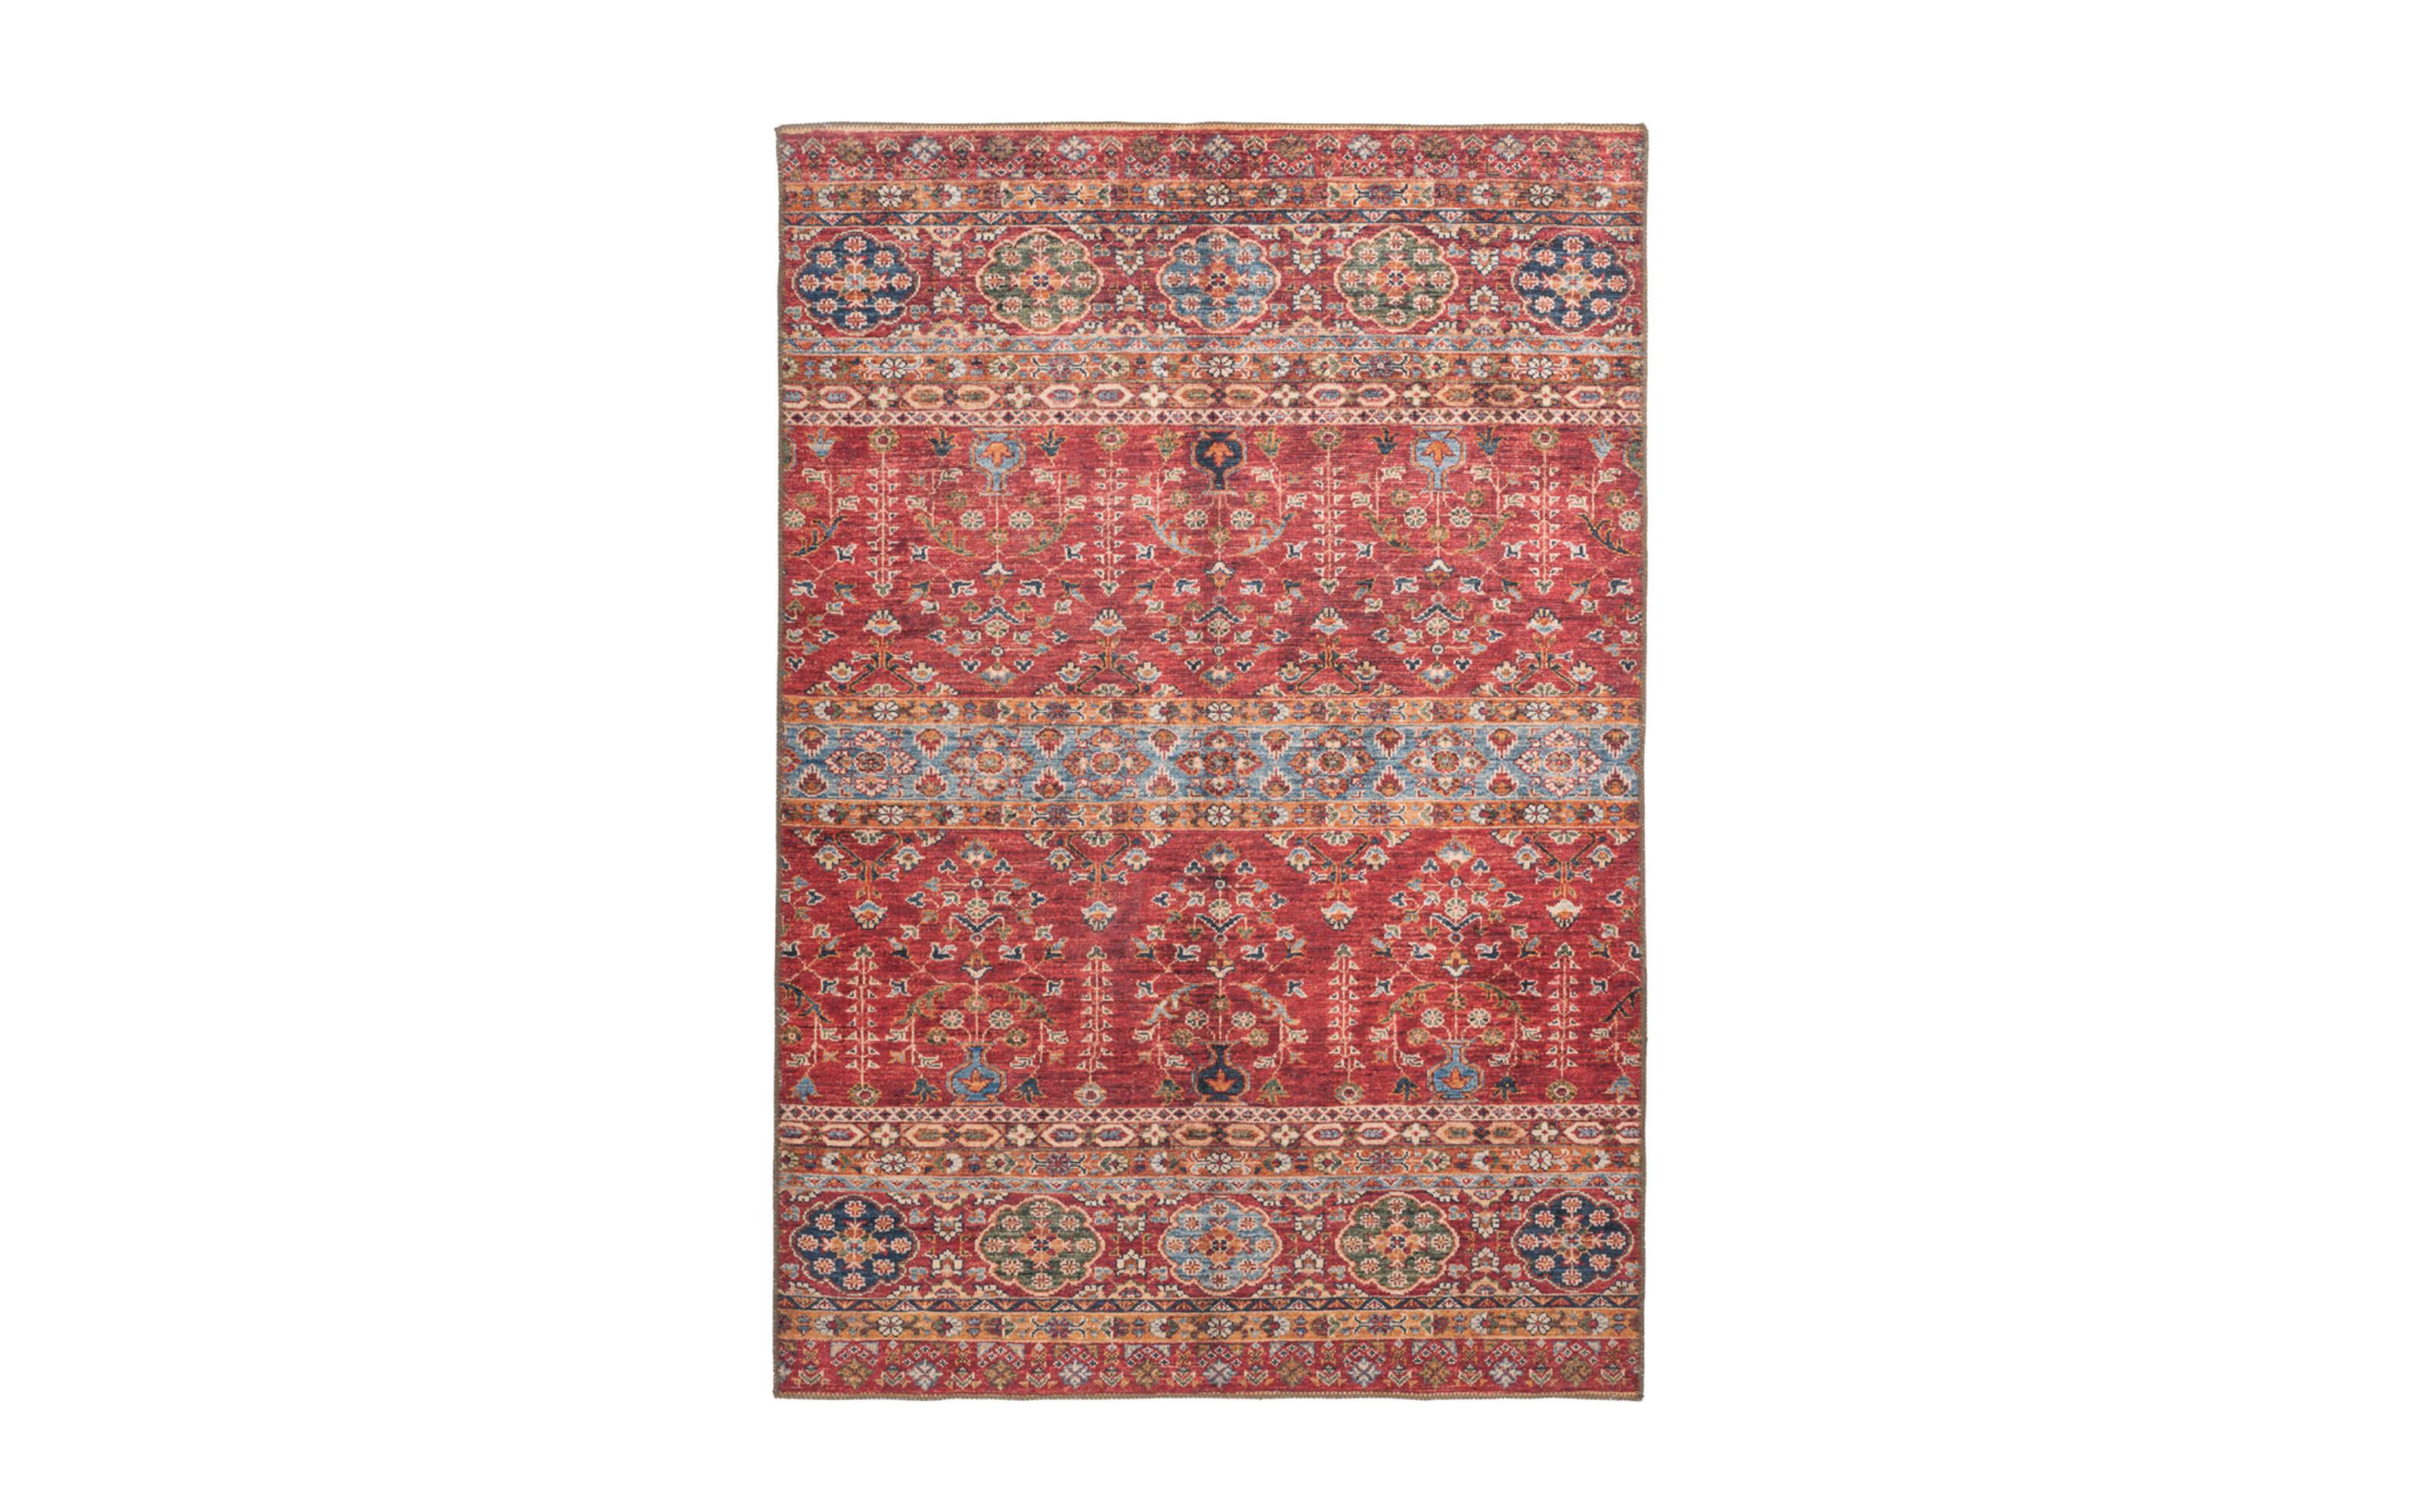 Teppich Faye 325 in multi/rot, ca. 110 x 180 cm